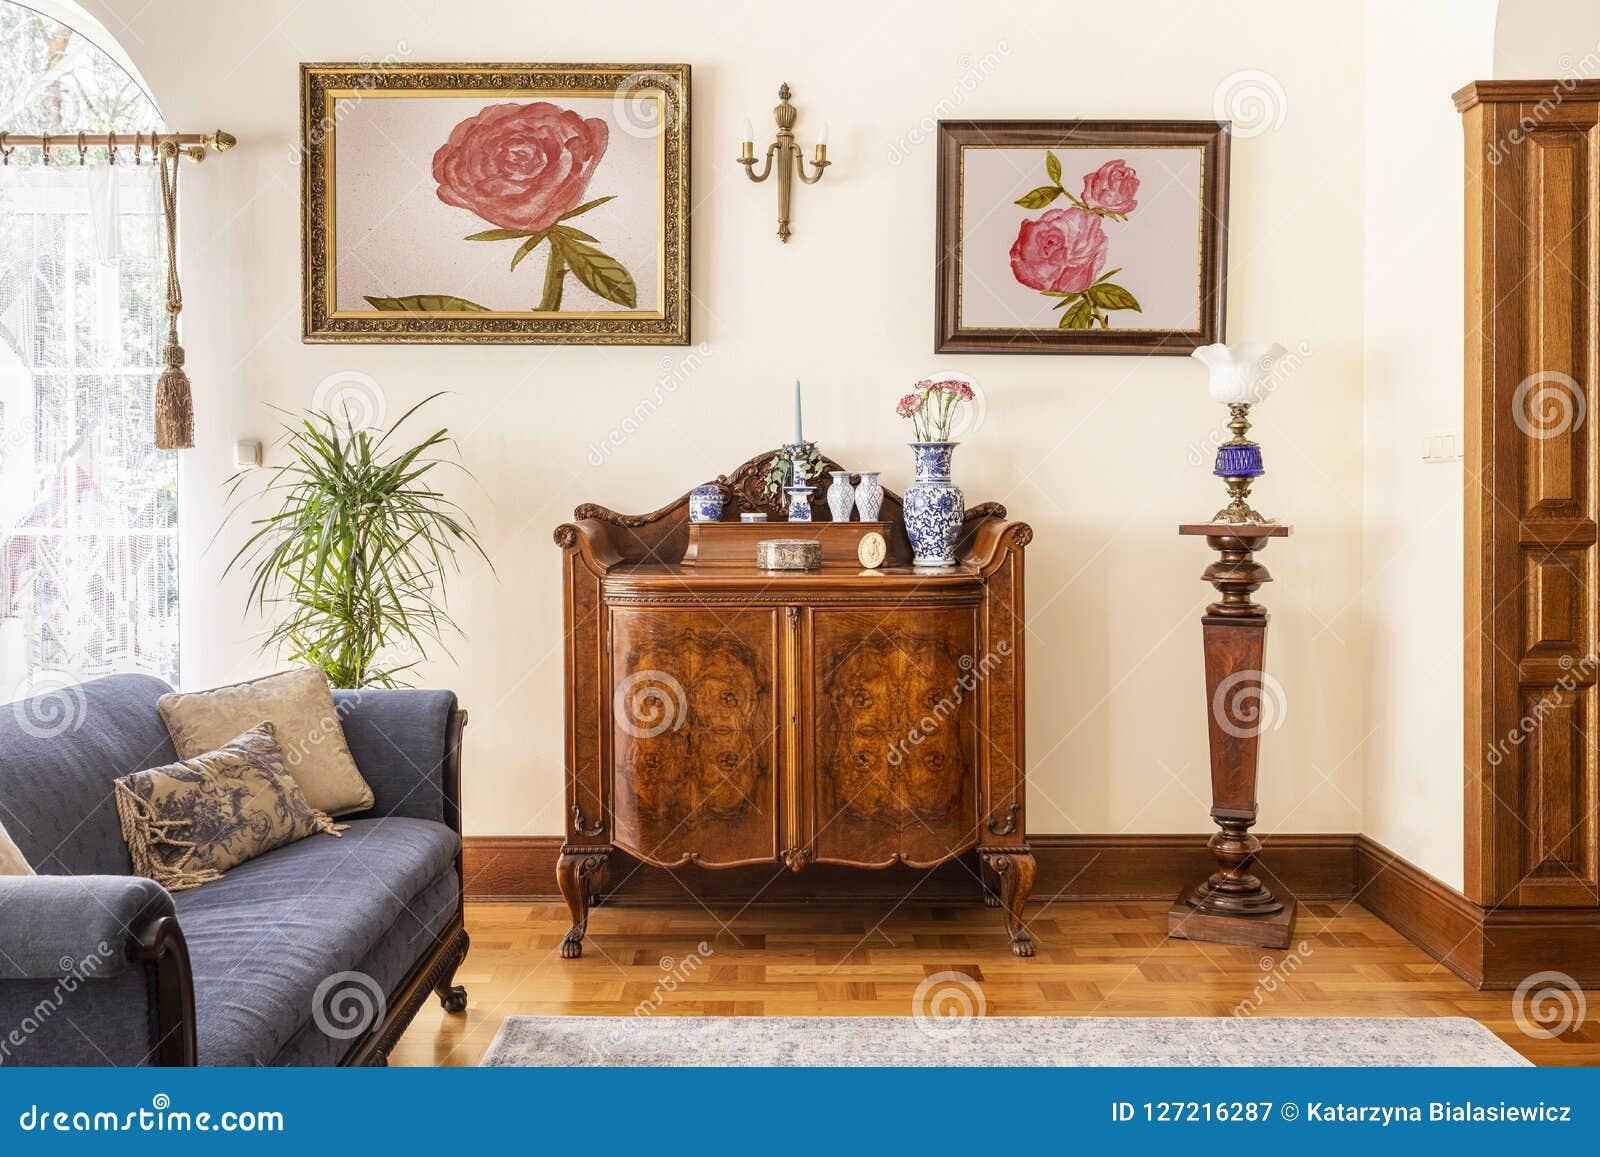 Foto real de um armário antigo com decorações da porcelana, pai